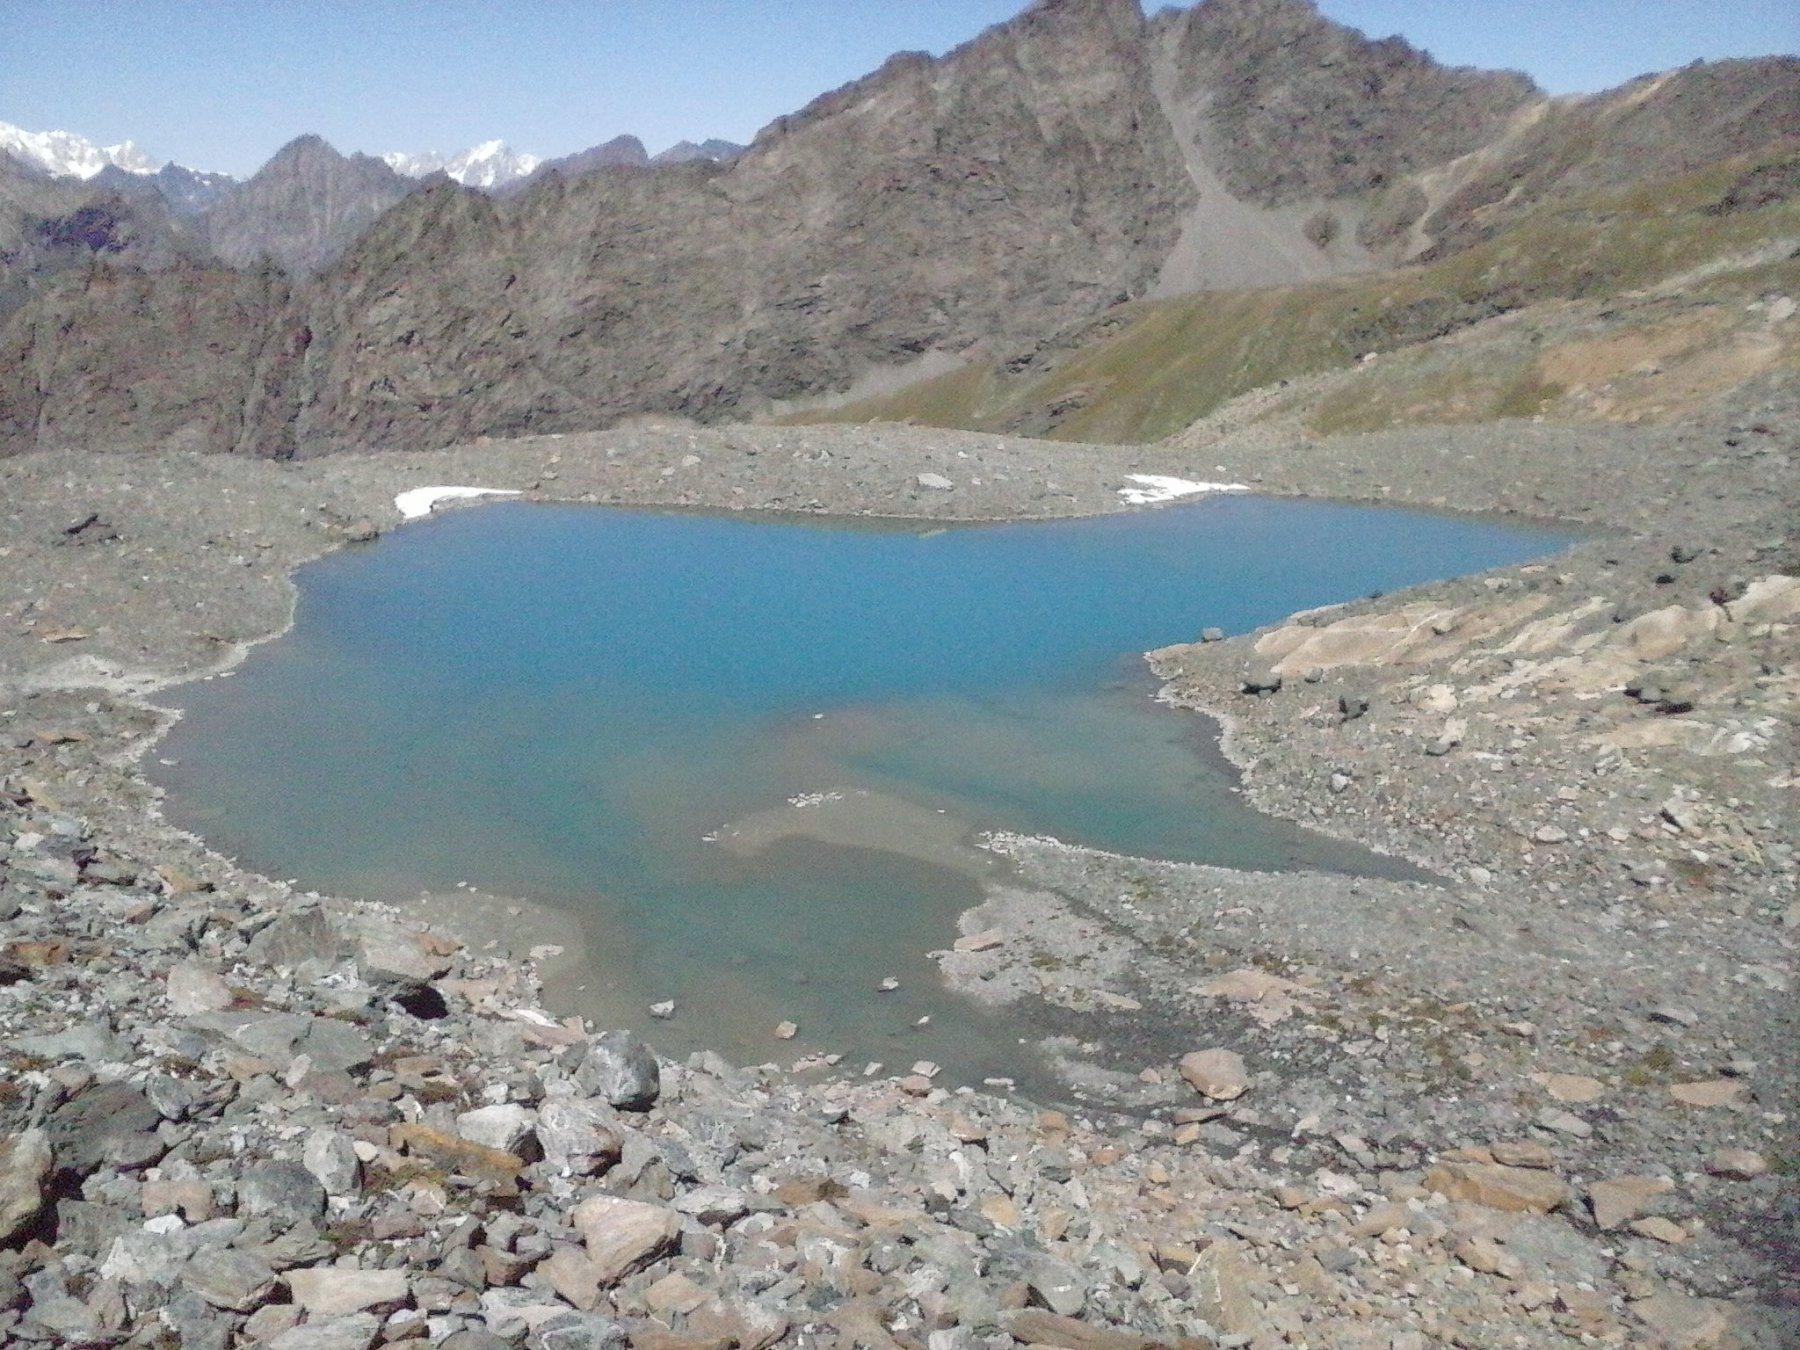 l'arrivo finalmente al lago anonimo quotato 2891 adiacente al sentiero n.11 direzione Thumel...